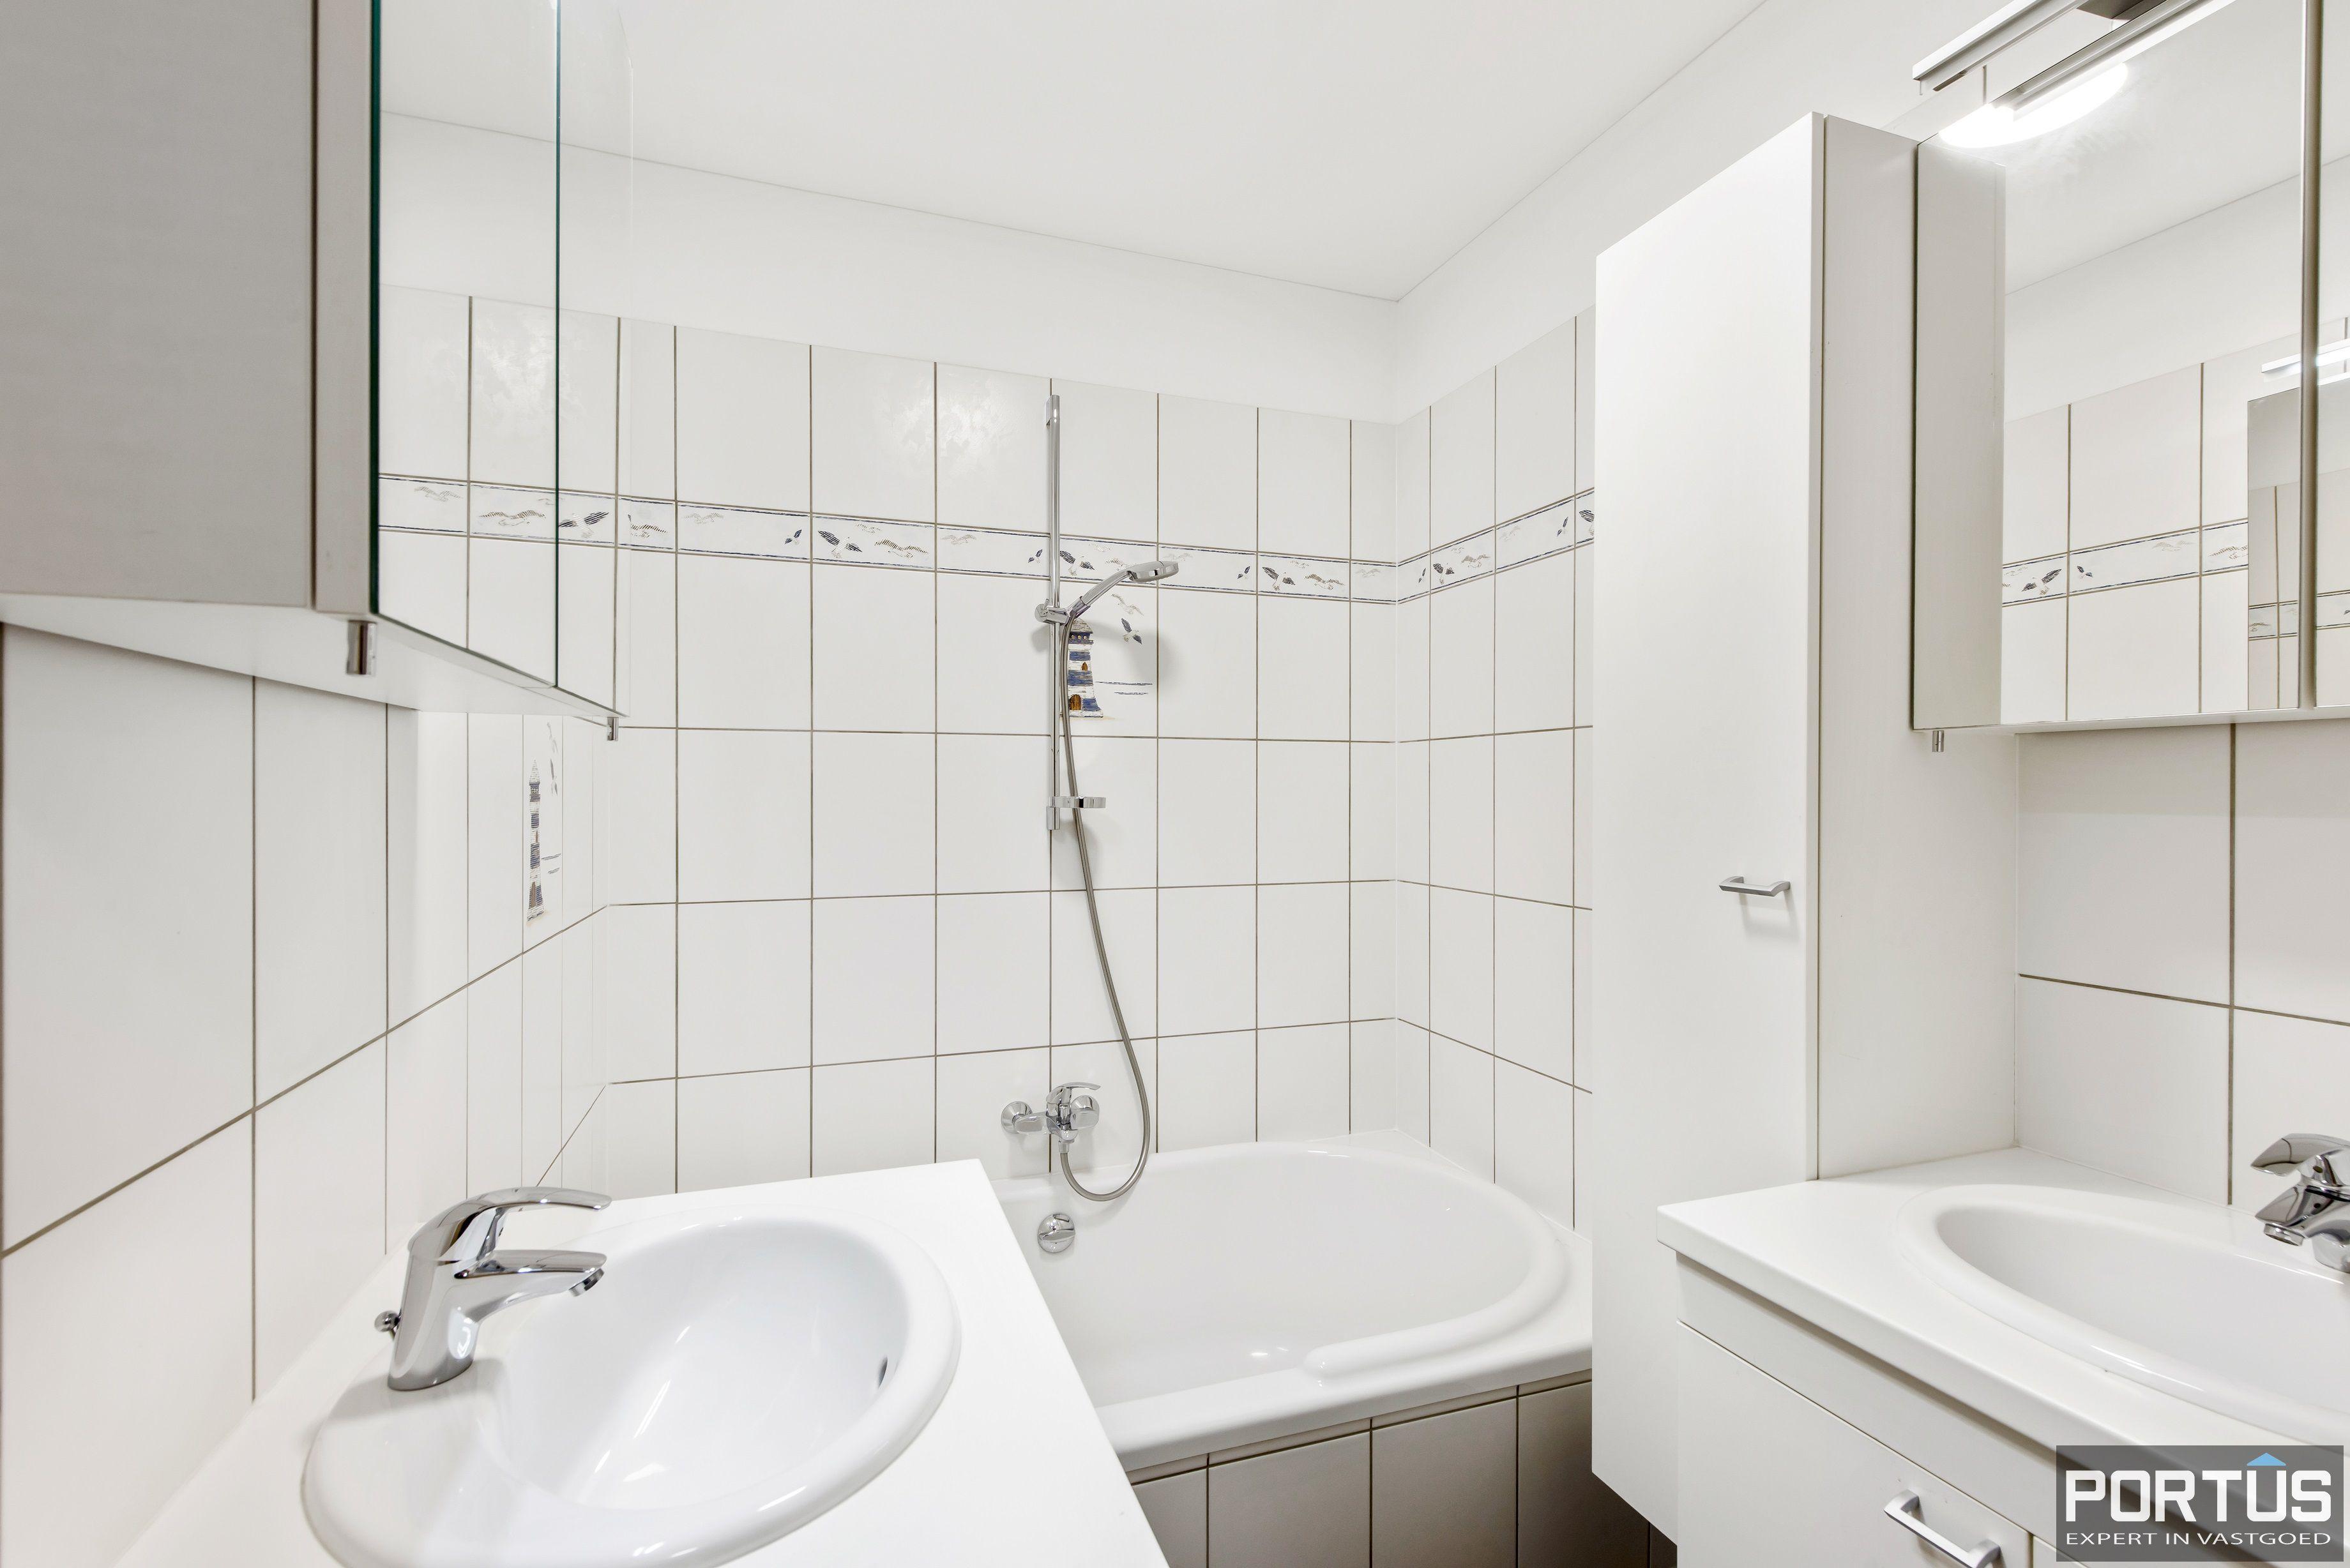 Gelijkvloers appartement te koop met 2 slaapkamers en privé tuin - 9841